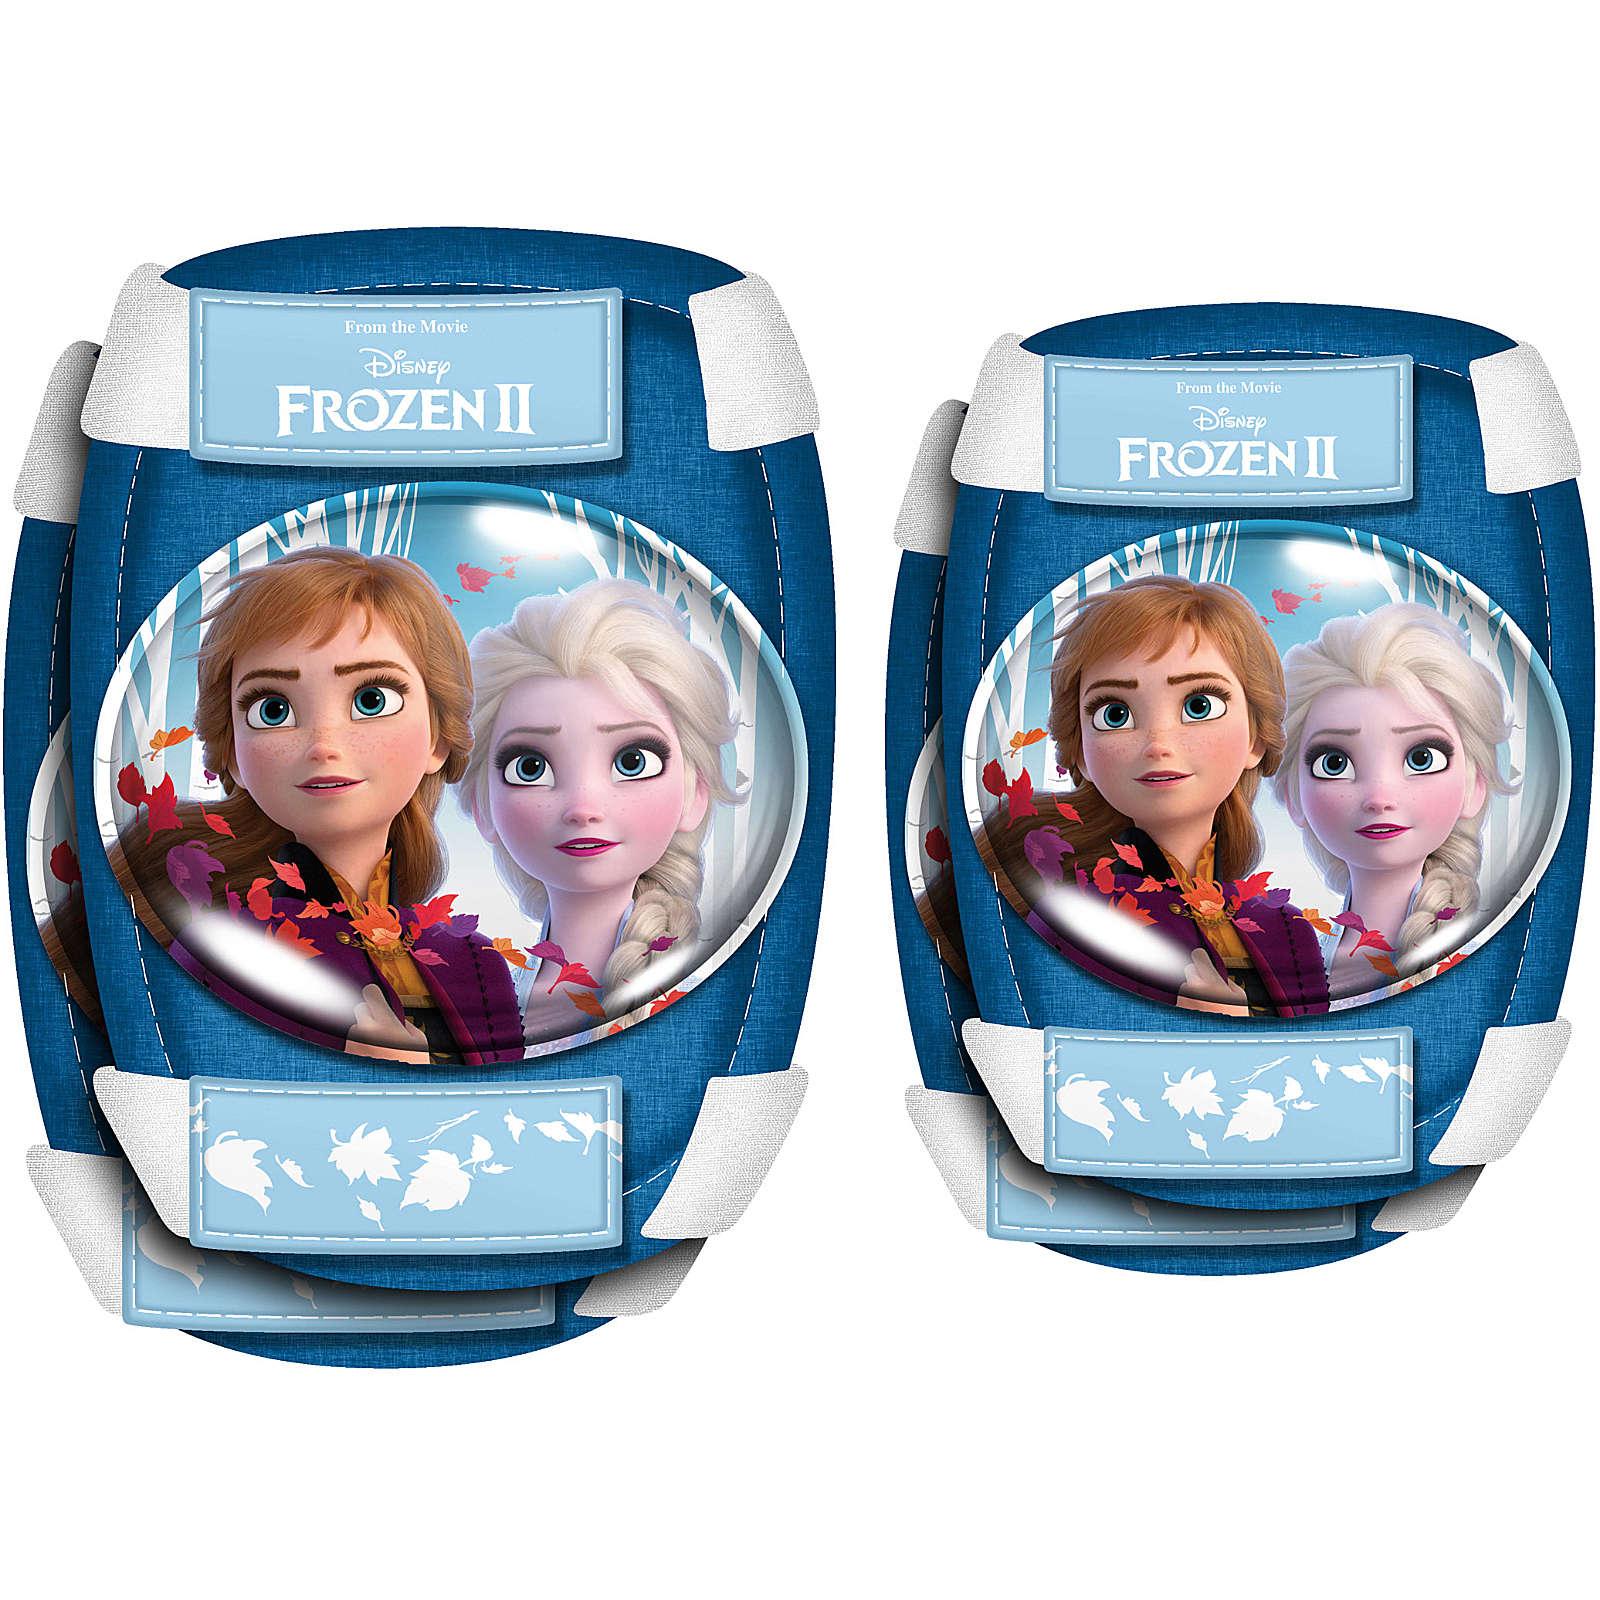 Protektoren Frozen Die Eiskönigin blau Mädchen